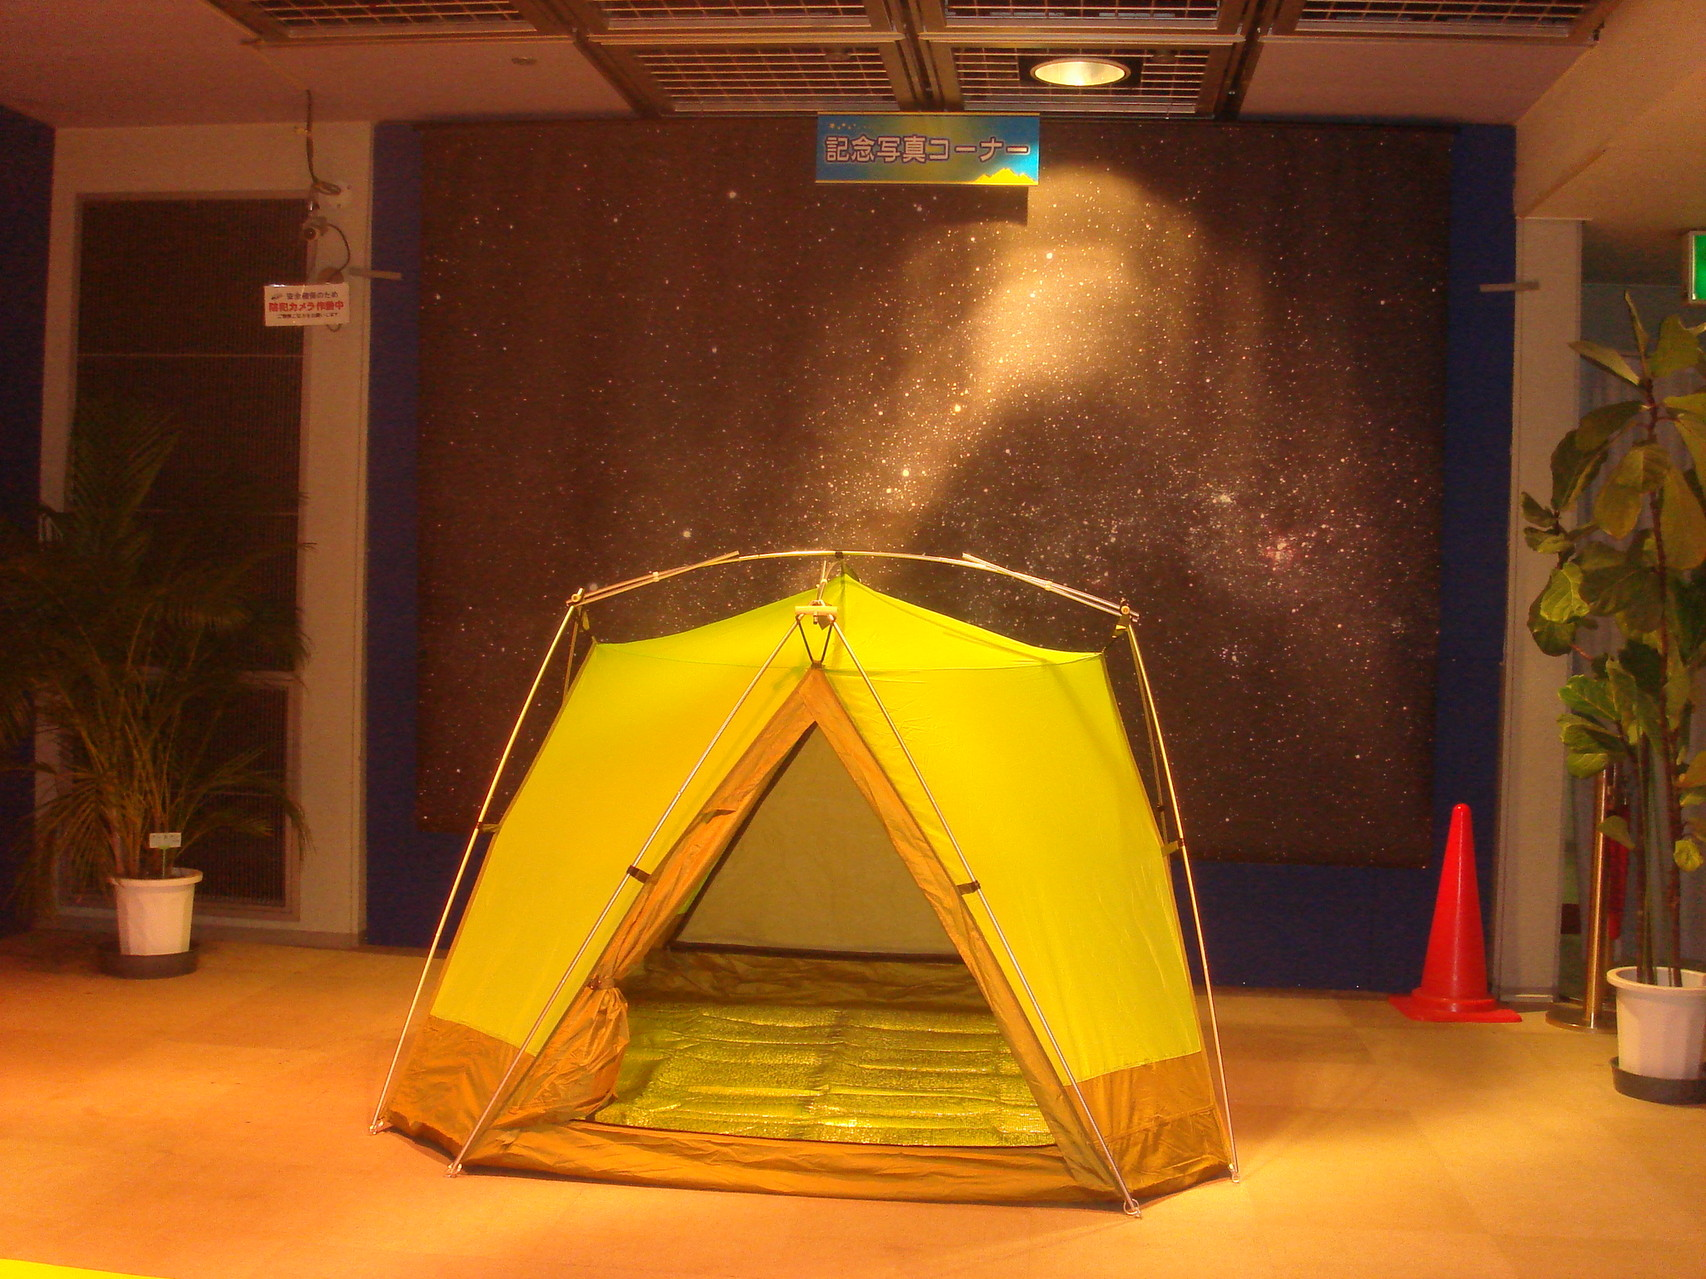 博物館様の展示です。背景幕を製作設置いたしました。星空眺めながらのキャンプのイメージです。